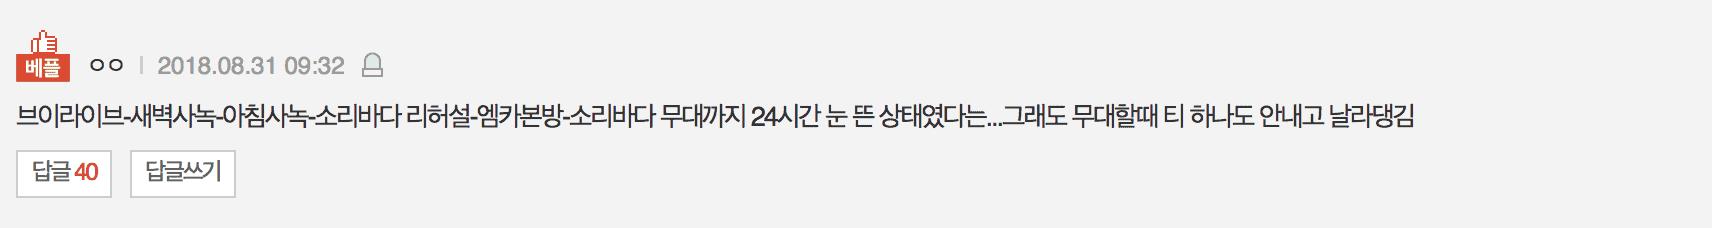 bts netizen